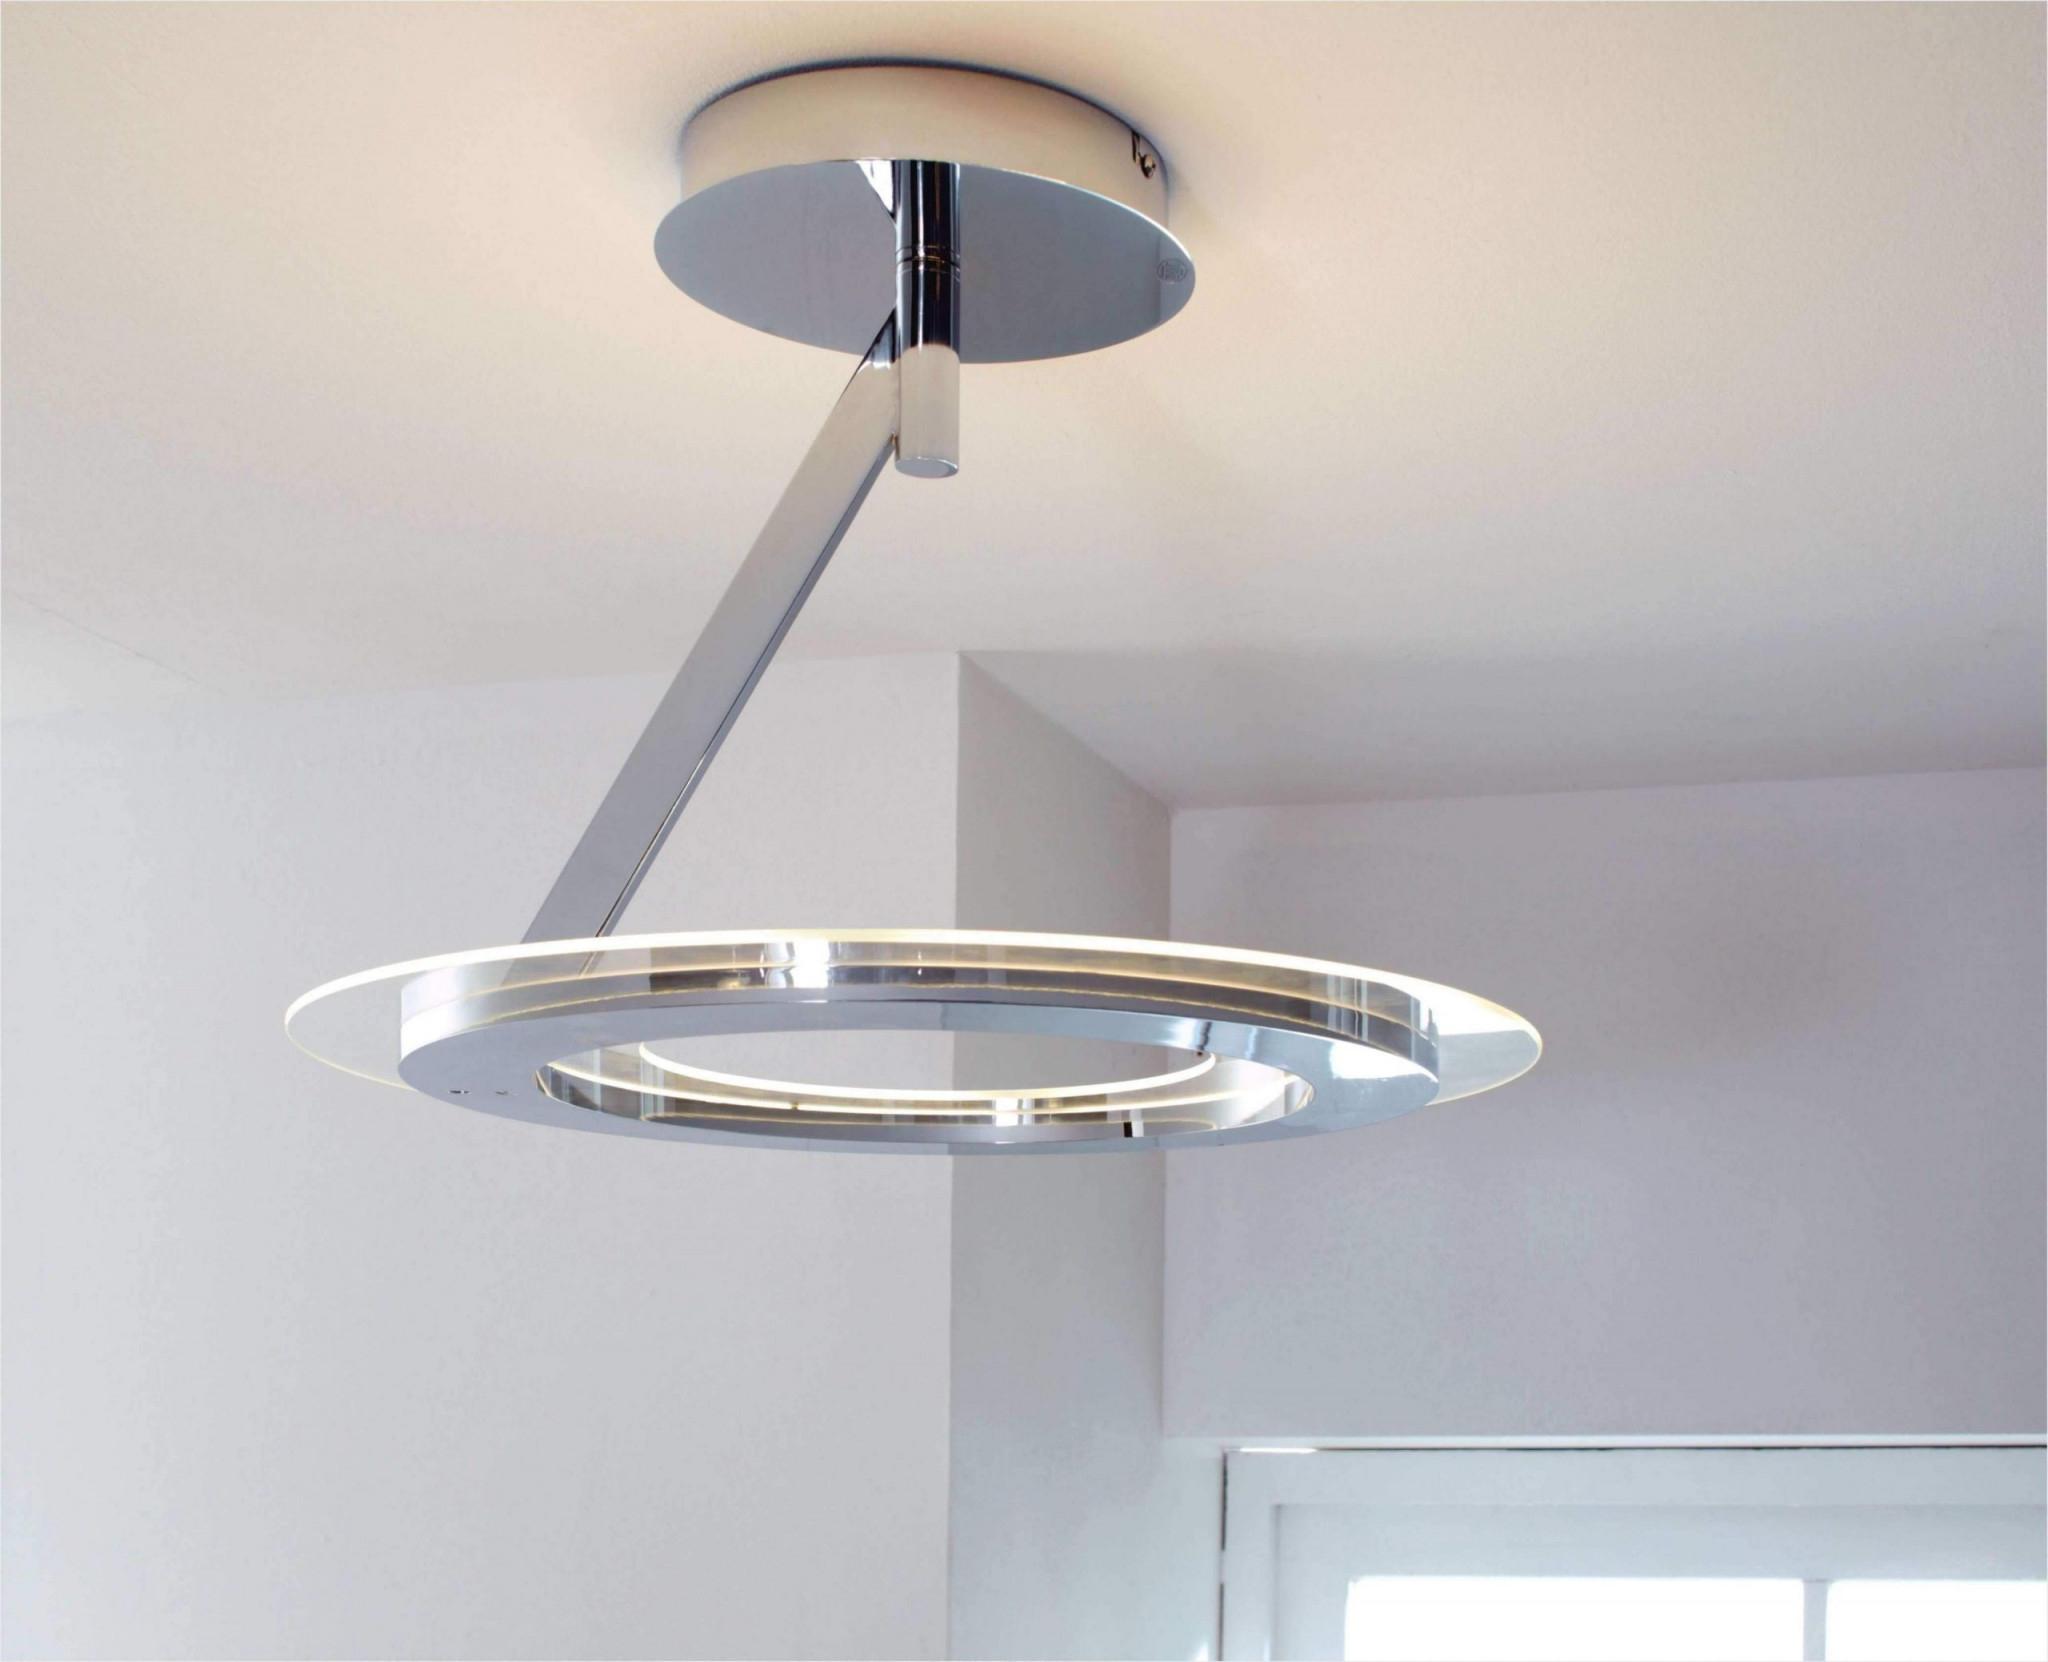 35 Luxus Wohnzimmer Deckenleuchte Modern Reizend von Moderne Deckenlampe Wohnzimmer Photo